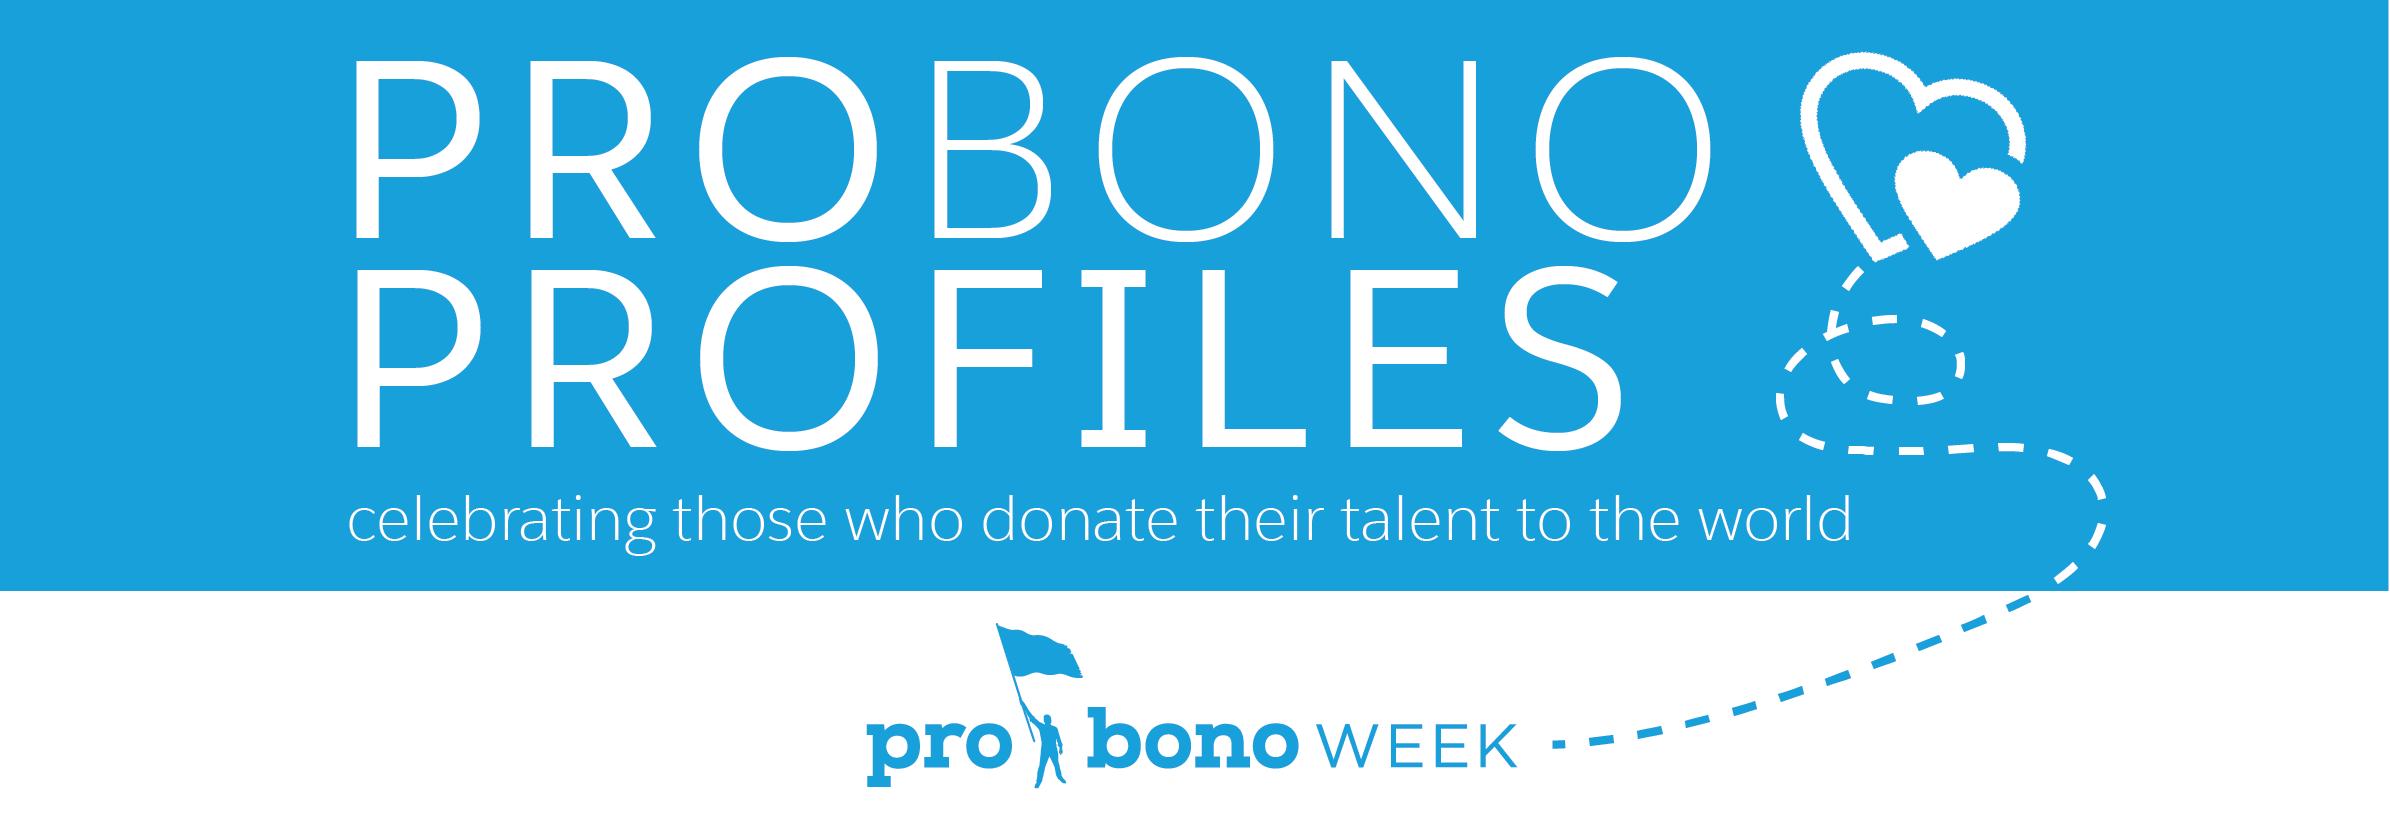 Pro Bono Profiles